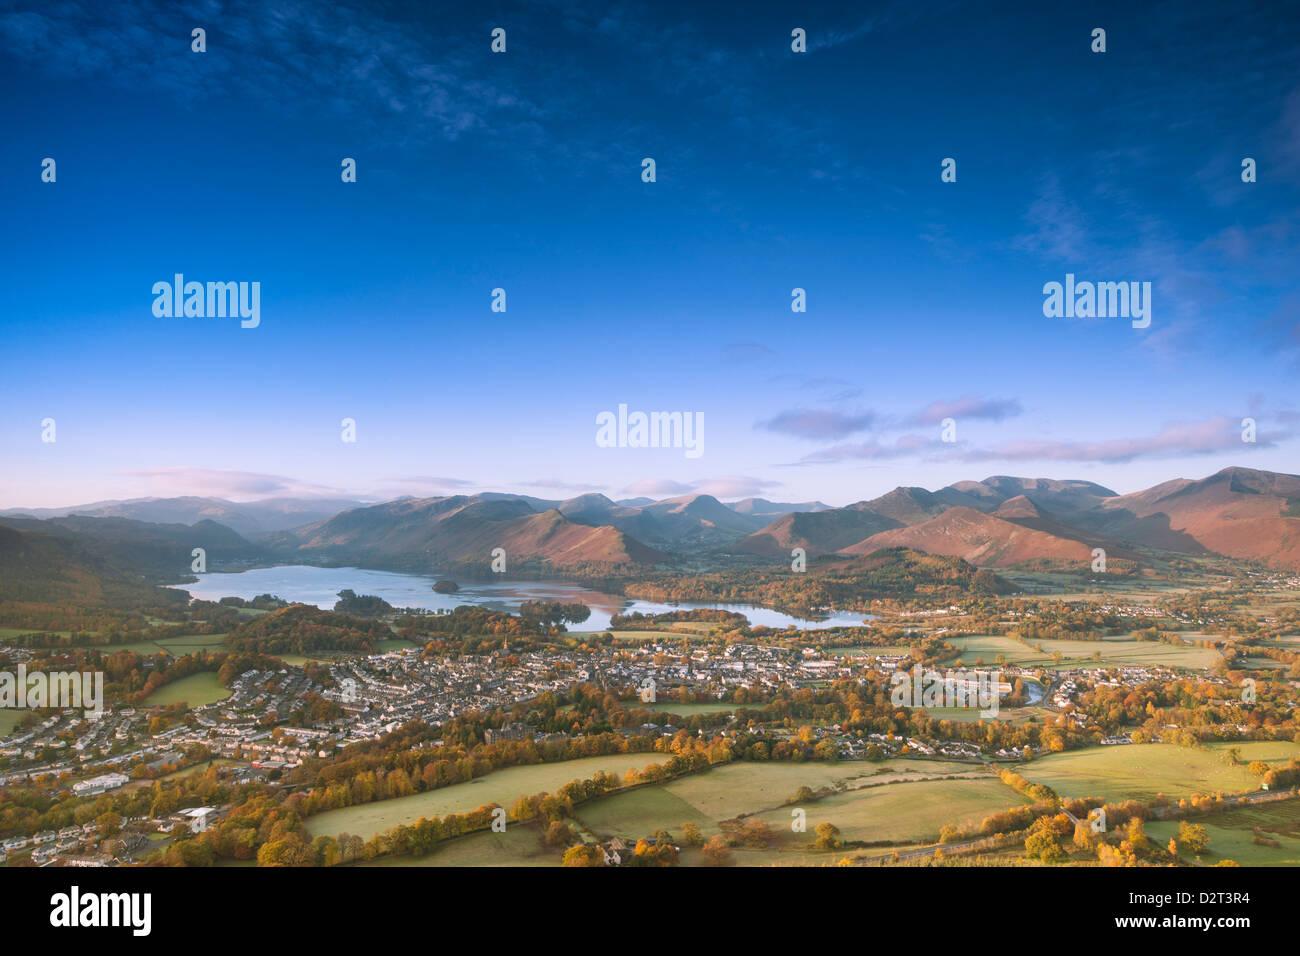 Derwentwater, Parco Nazionale del Distretto dei Laghi, Cumbria, England, Regno Unito, Europa Immagini Stock